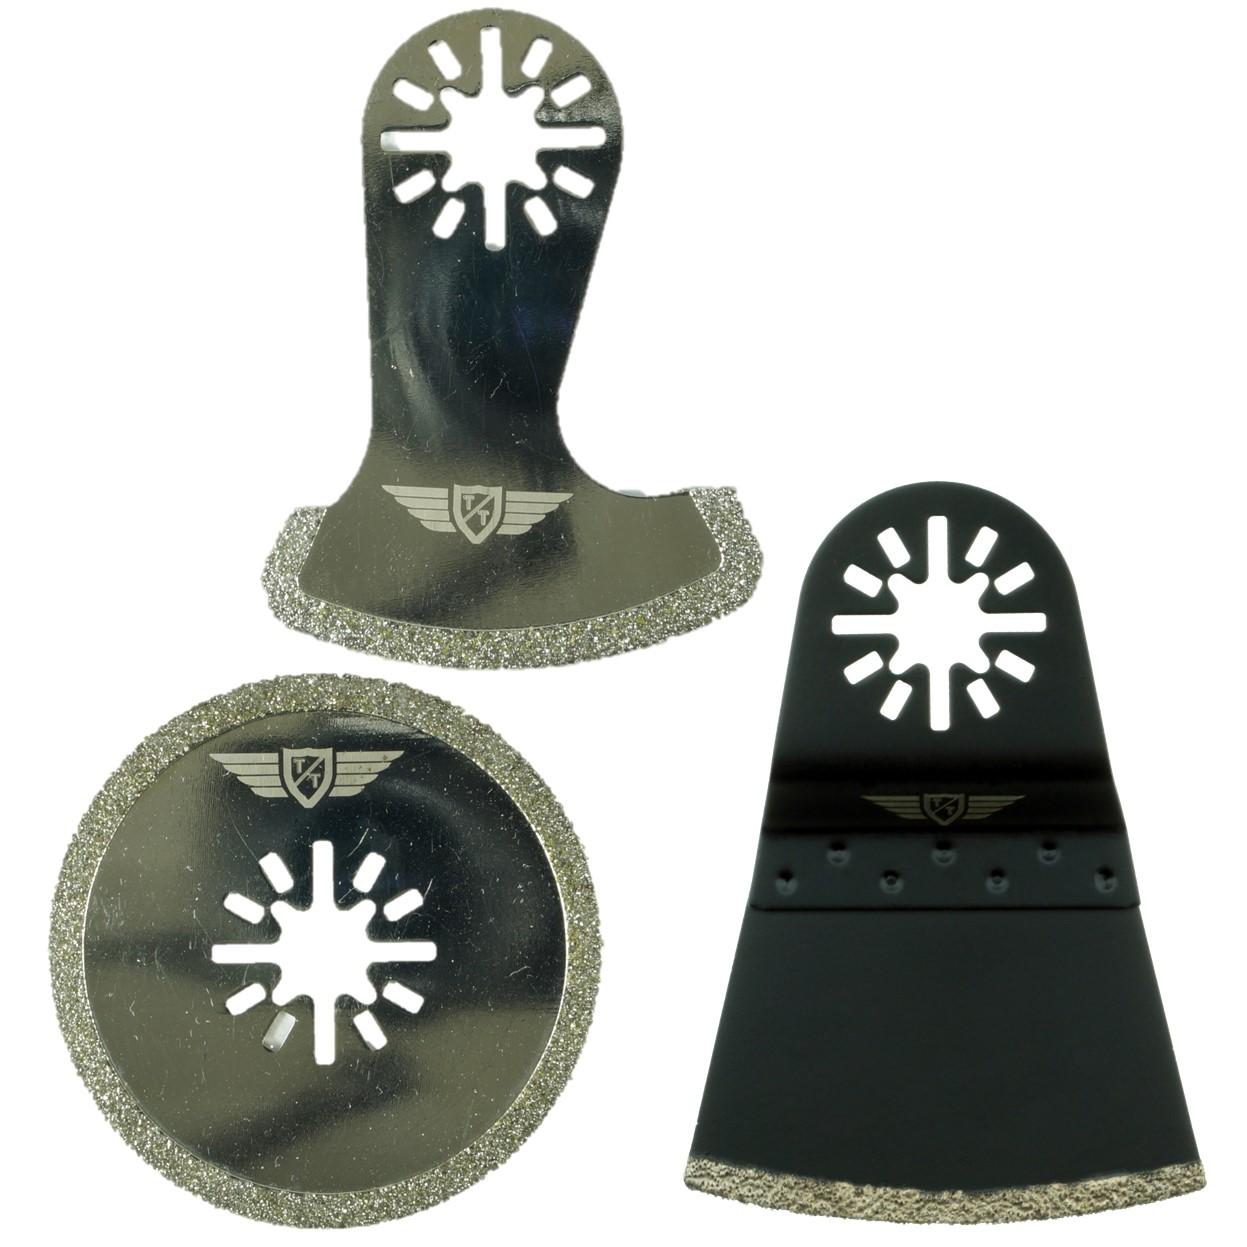 10x 35mm Coarse Blades Fein Multimaster Bosch Moss Makita Oscillating Multitool